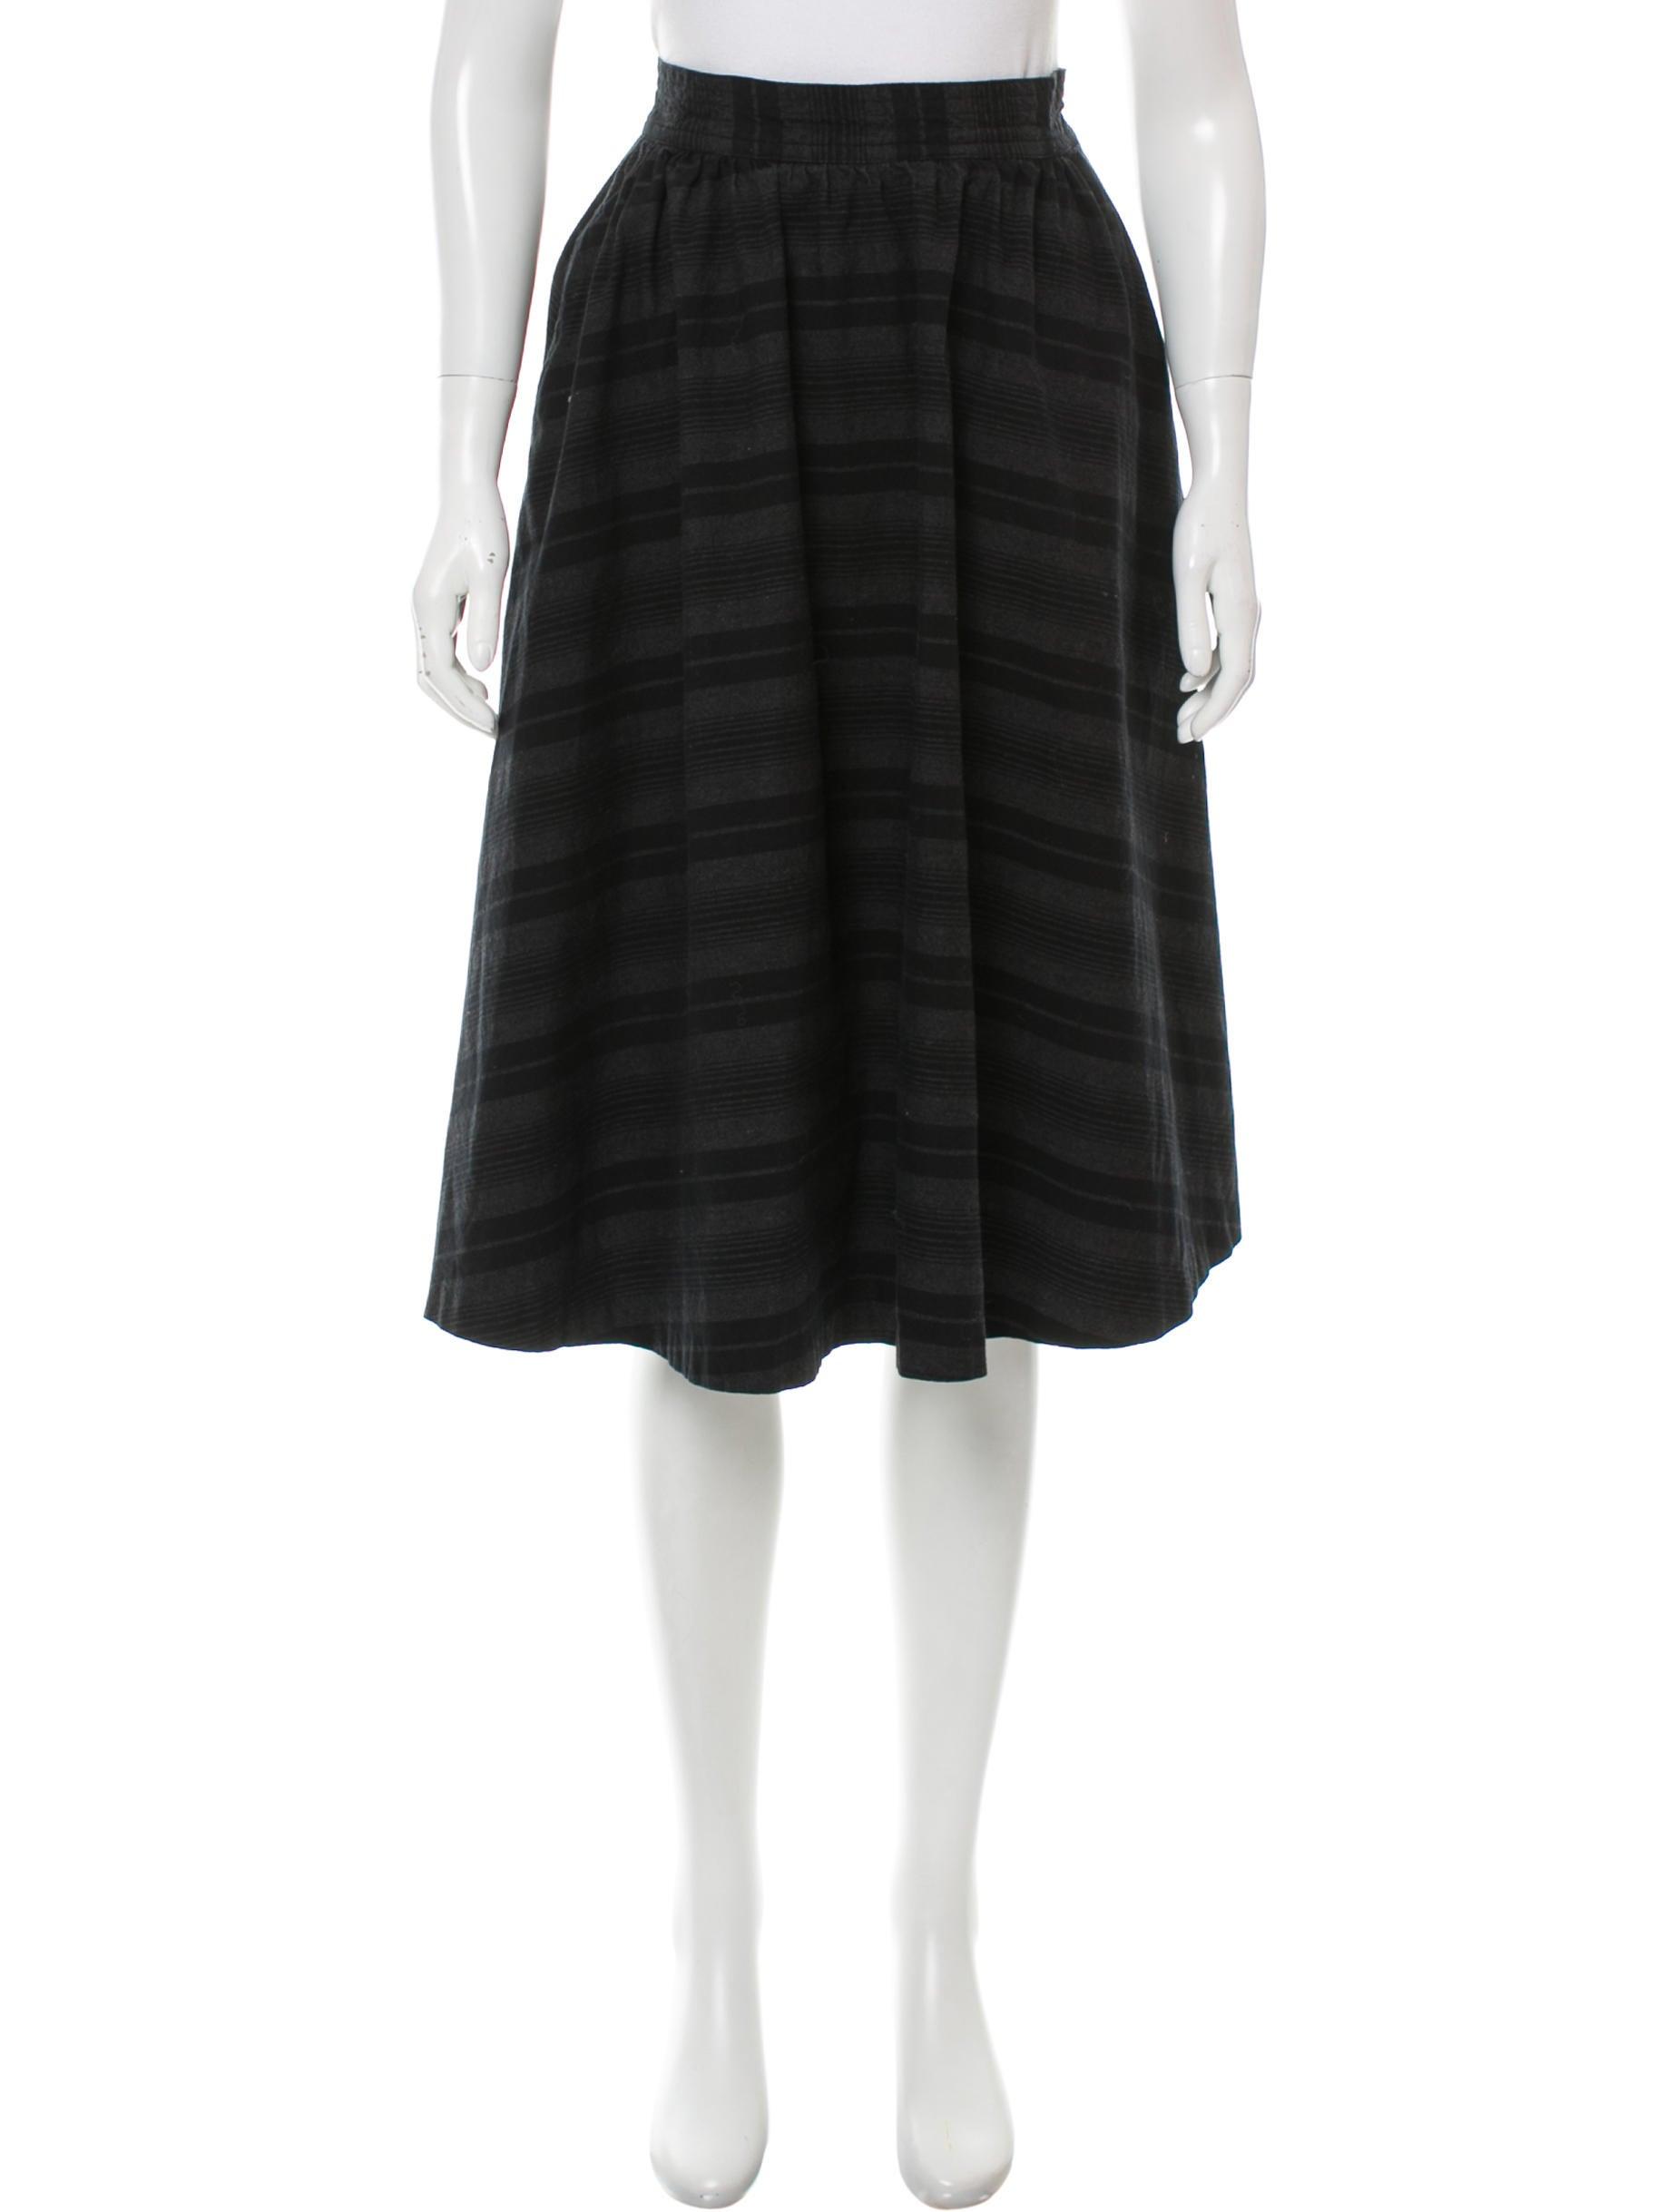 steven alan striped a line skirt clothing wstev21719